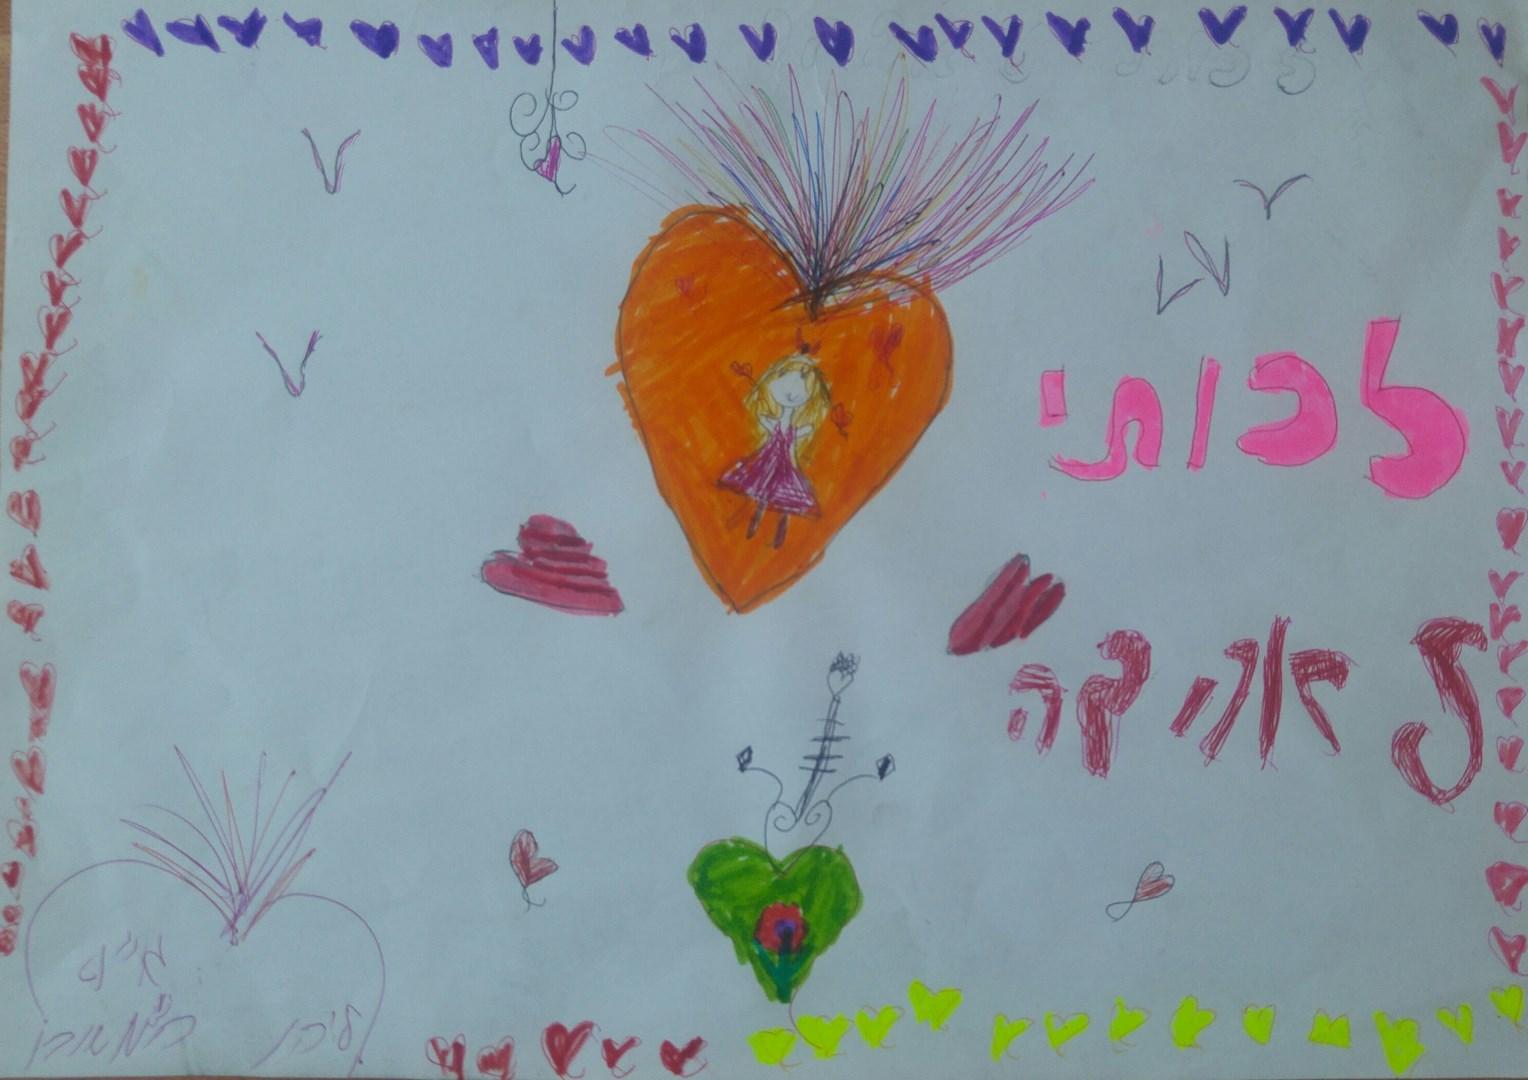 לחיות בעולם טוב יותר – תלמידי כיתה ג'4 בהנחיית מחנכת הכיתה אשר יפה בית ספר שיזף אור יהודה by אילן  - Ourboox.com